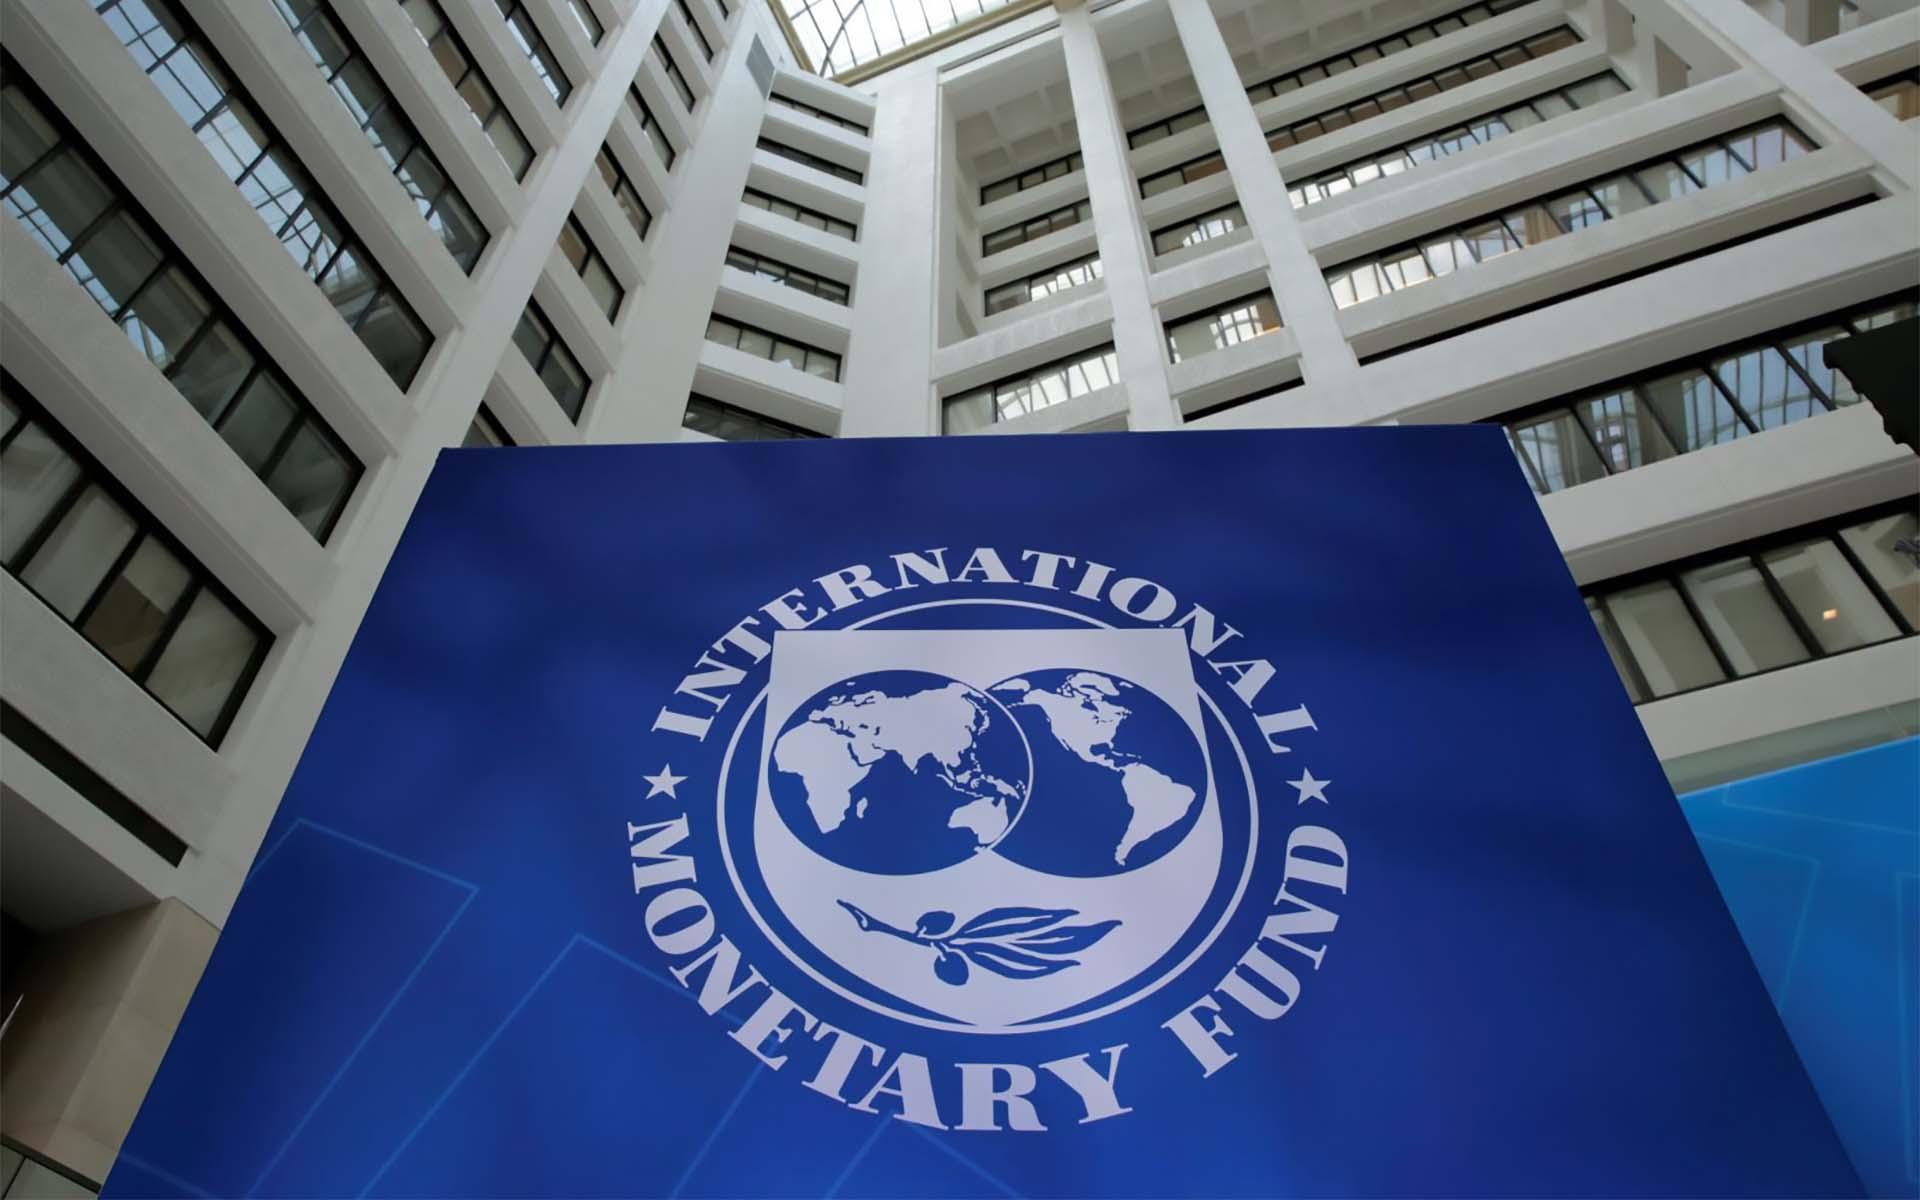 وزارت خزانہ نے تمام وزارتوں اورڈویژنوں کو مراسلہ بھجوادیا ہے۔ فوٹو:فائل